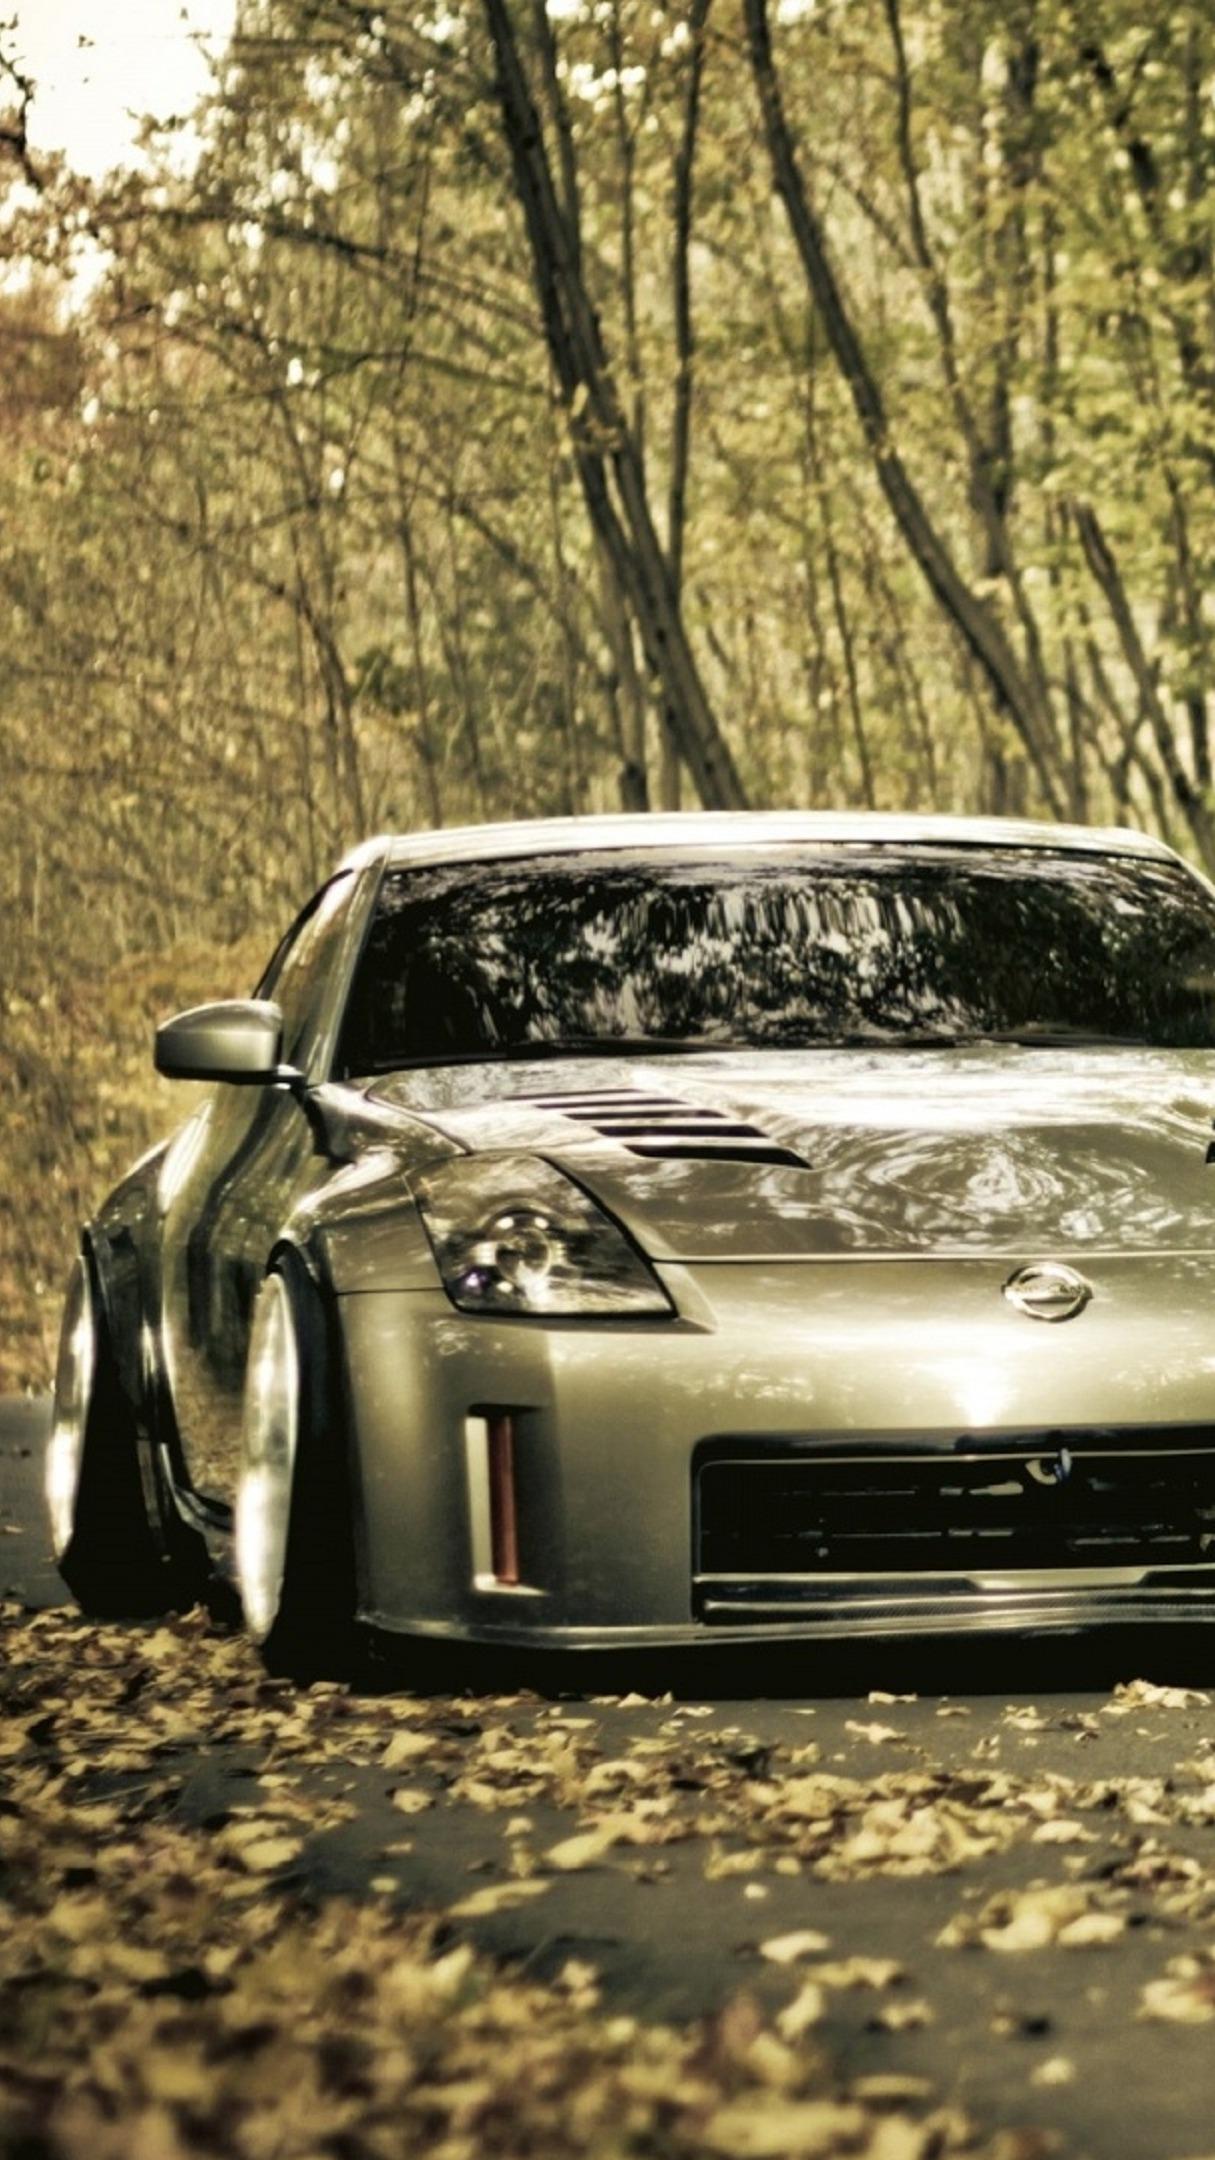 Nissan 350Z 4K UltraHD wallpaper - backiee